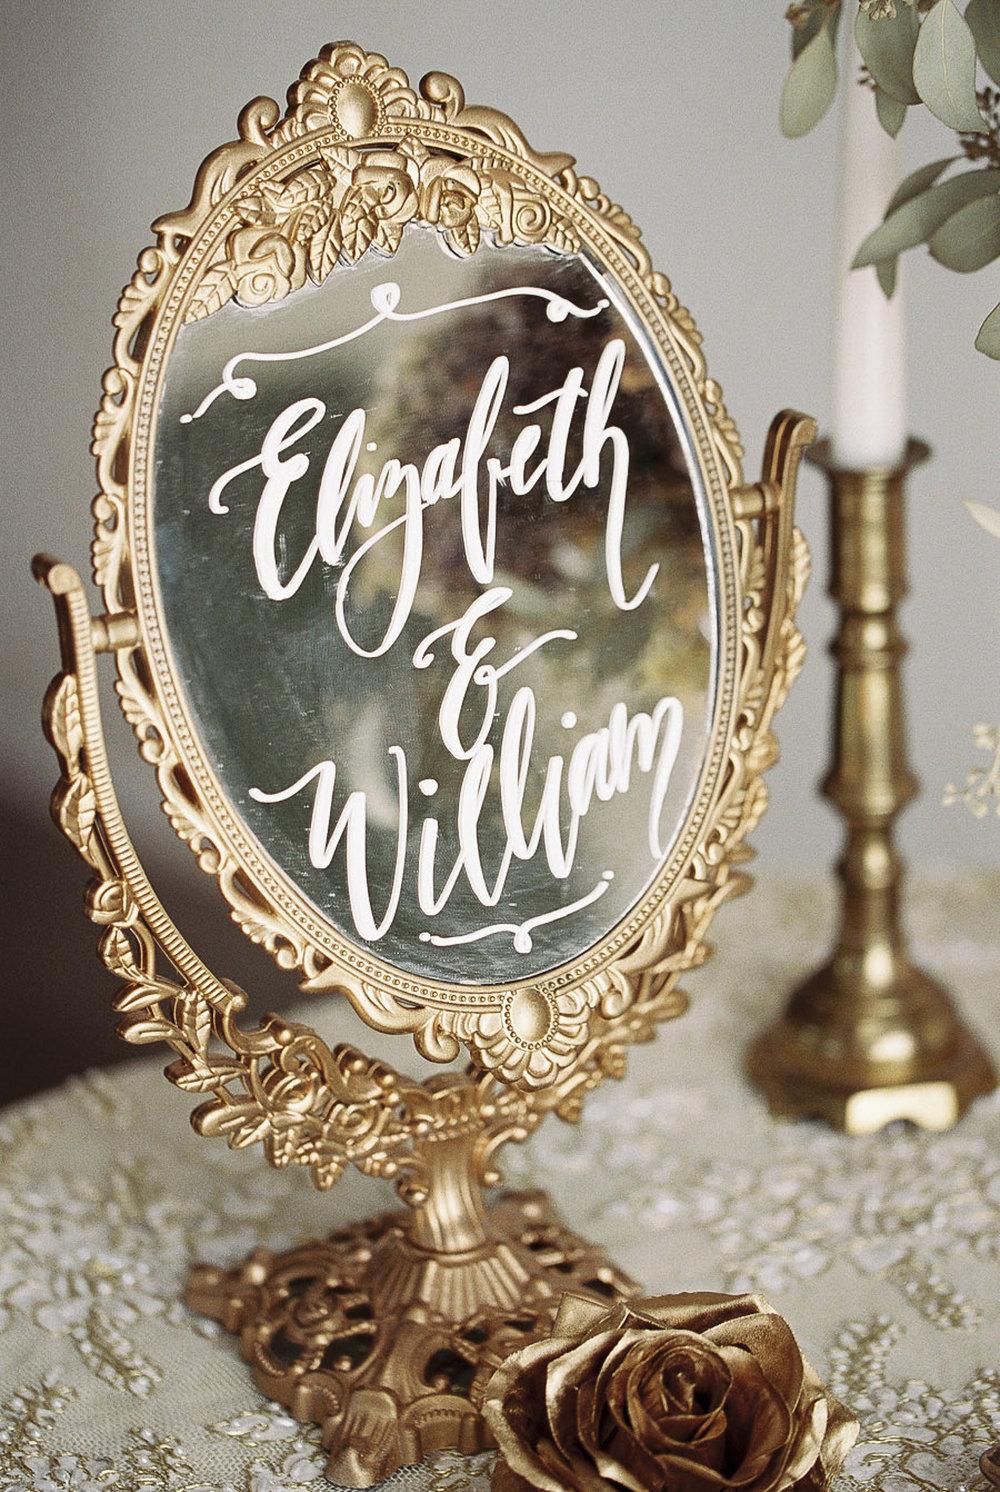 Lara_Lam_Vintage_Heirloom_wedding_photographer_Etablir_shop_vintage_rental9.jpg